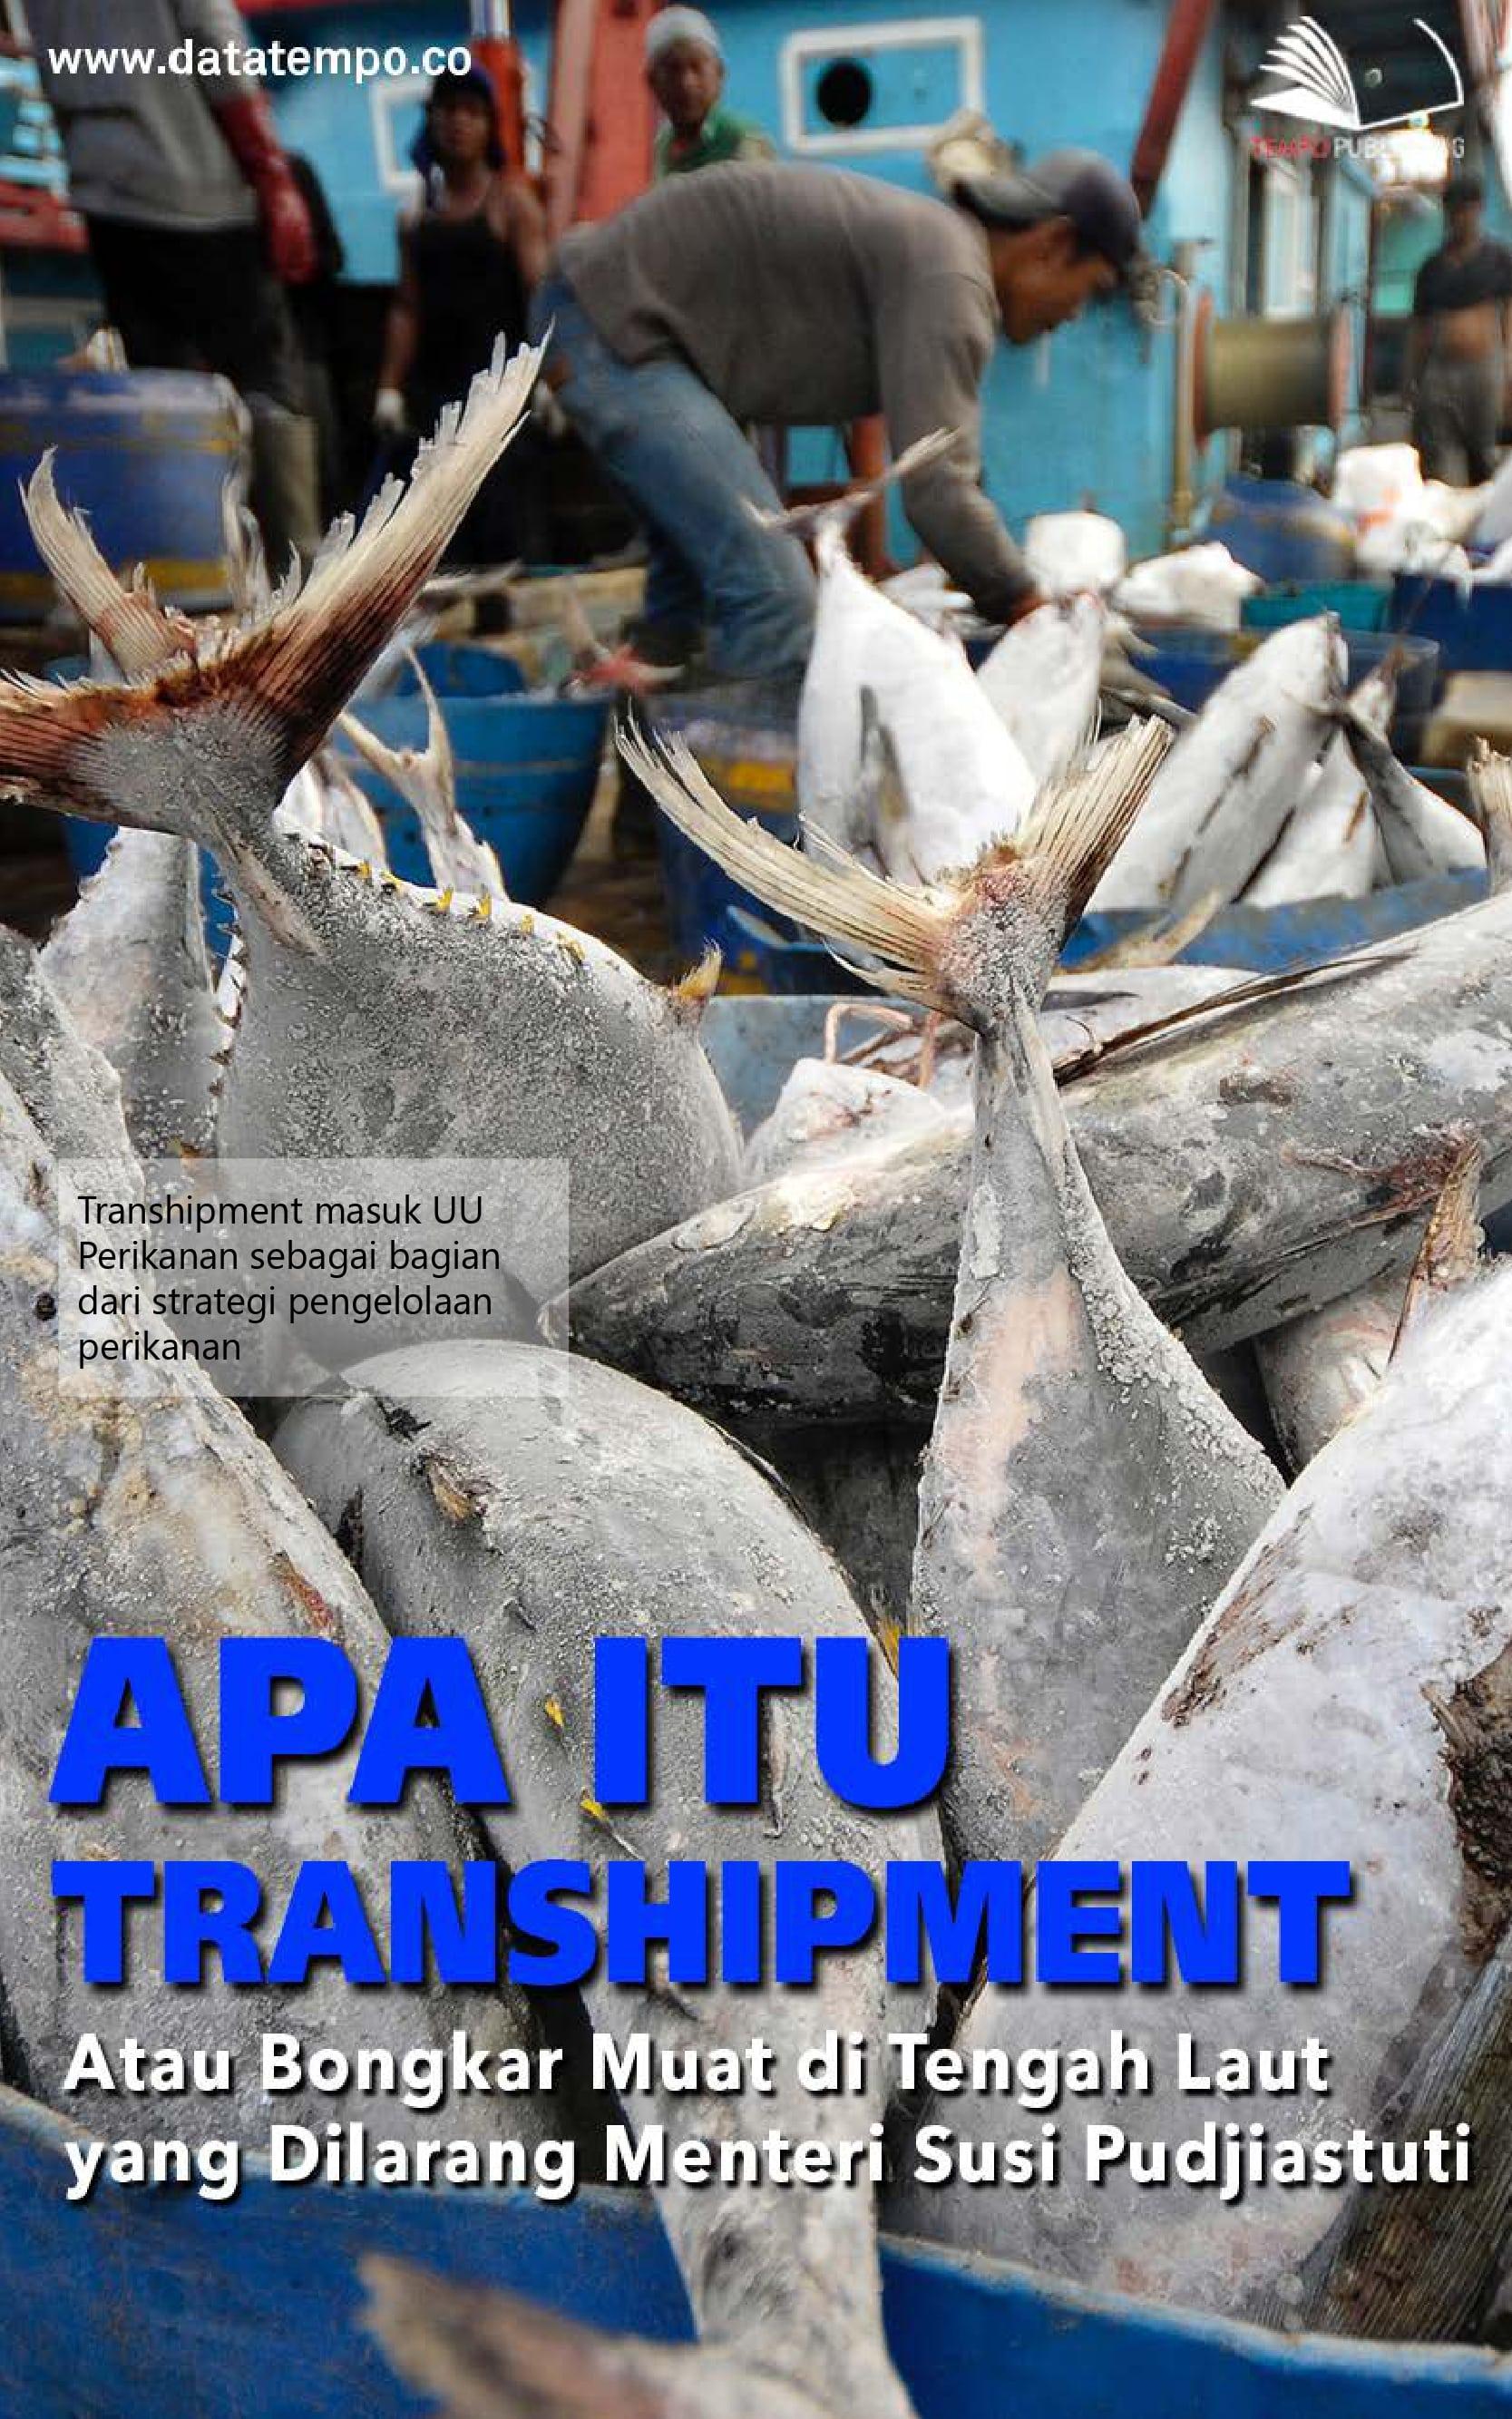 Apa itu transhipment atau bongkar muat di tengah laut yang dilarang menteri Susi Pudjiastuti [sumber elektronis]